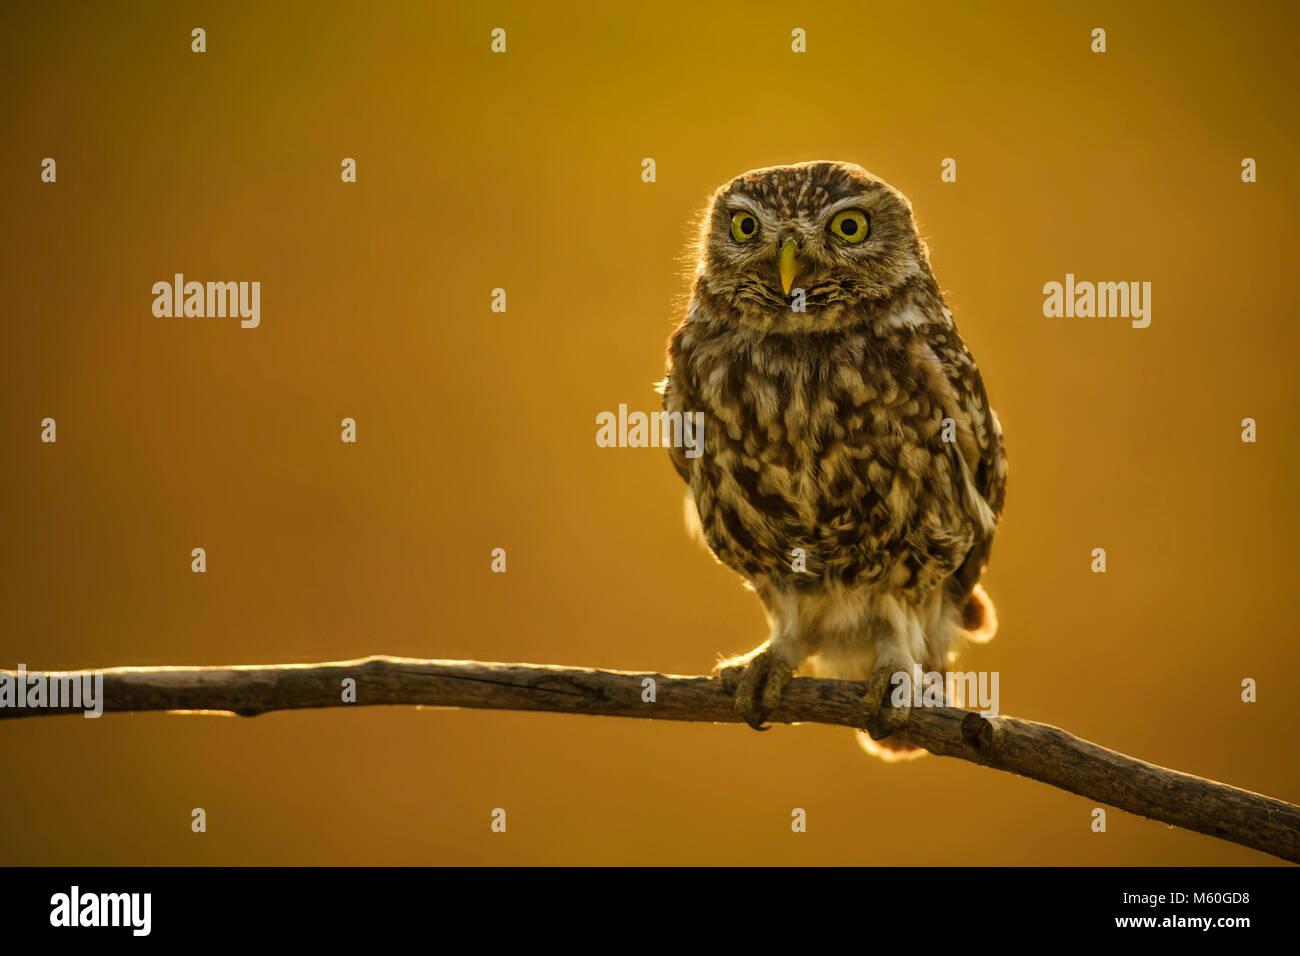 Pequeña Lechuza - Athene noctua, pequeña hermosa lechuza del bosque europeo sentado en la rama en la velada agradable luz dorada con fondo claro. Foto de stock